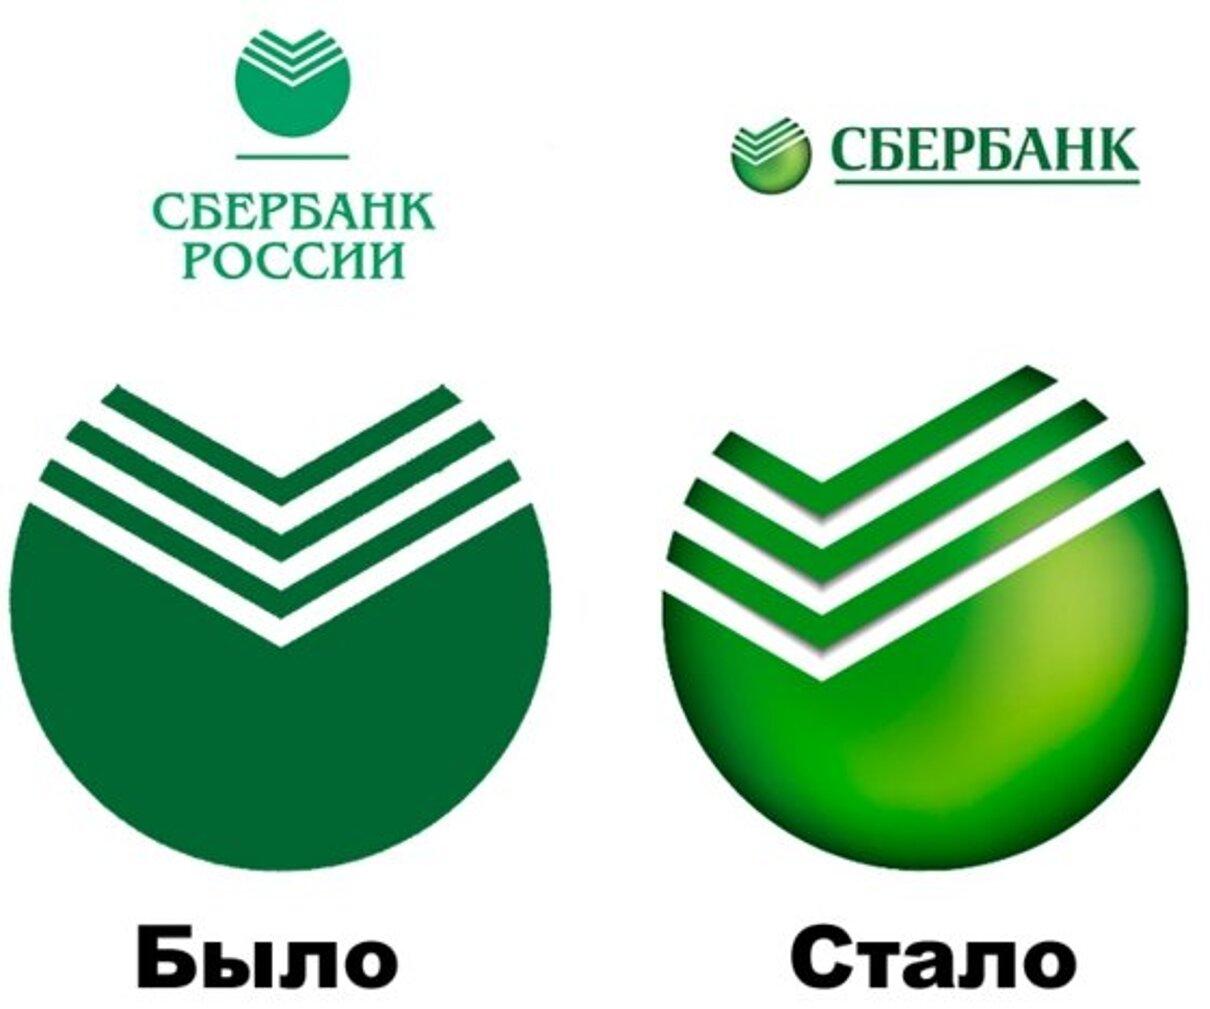 Жалоба-отзыв: Сбербанк, ОАО - Спёрбанк — Куда на самом деле уходит ссудный процент ипотечных и других кредитных рабов